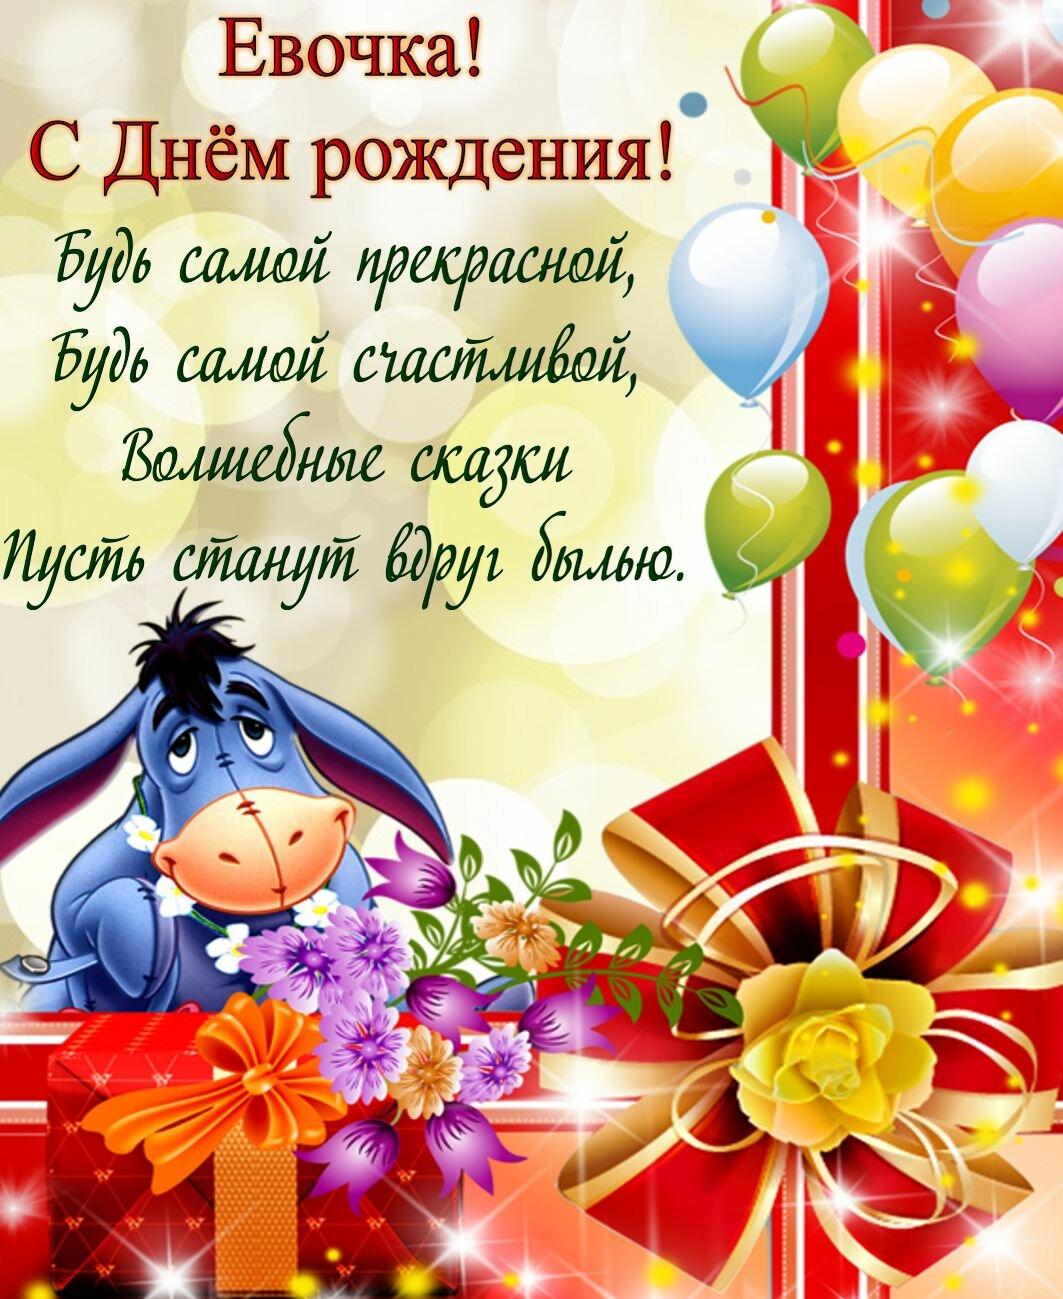 Открытки с днем рождения еве, пожеланиями